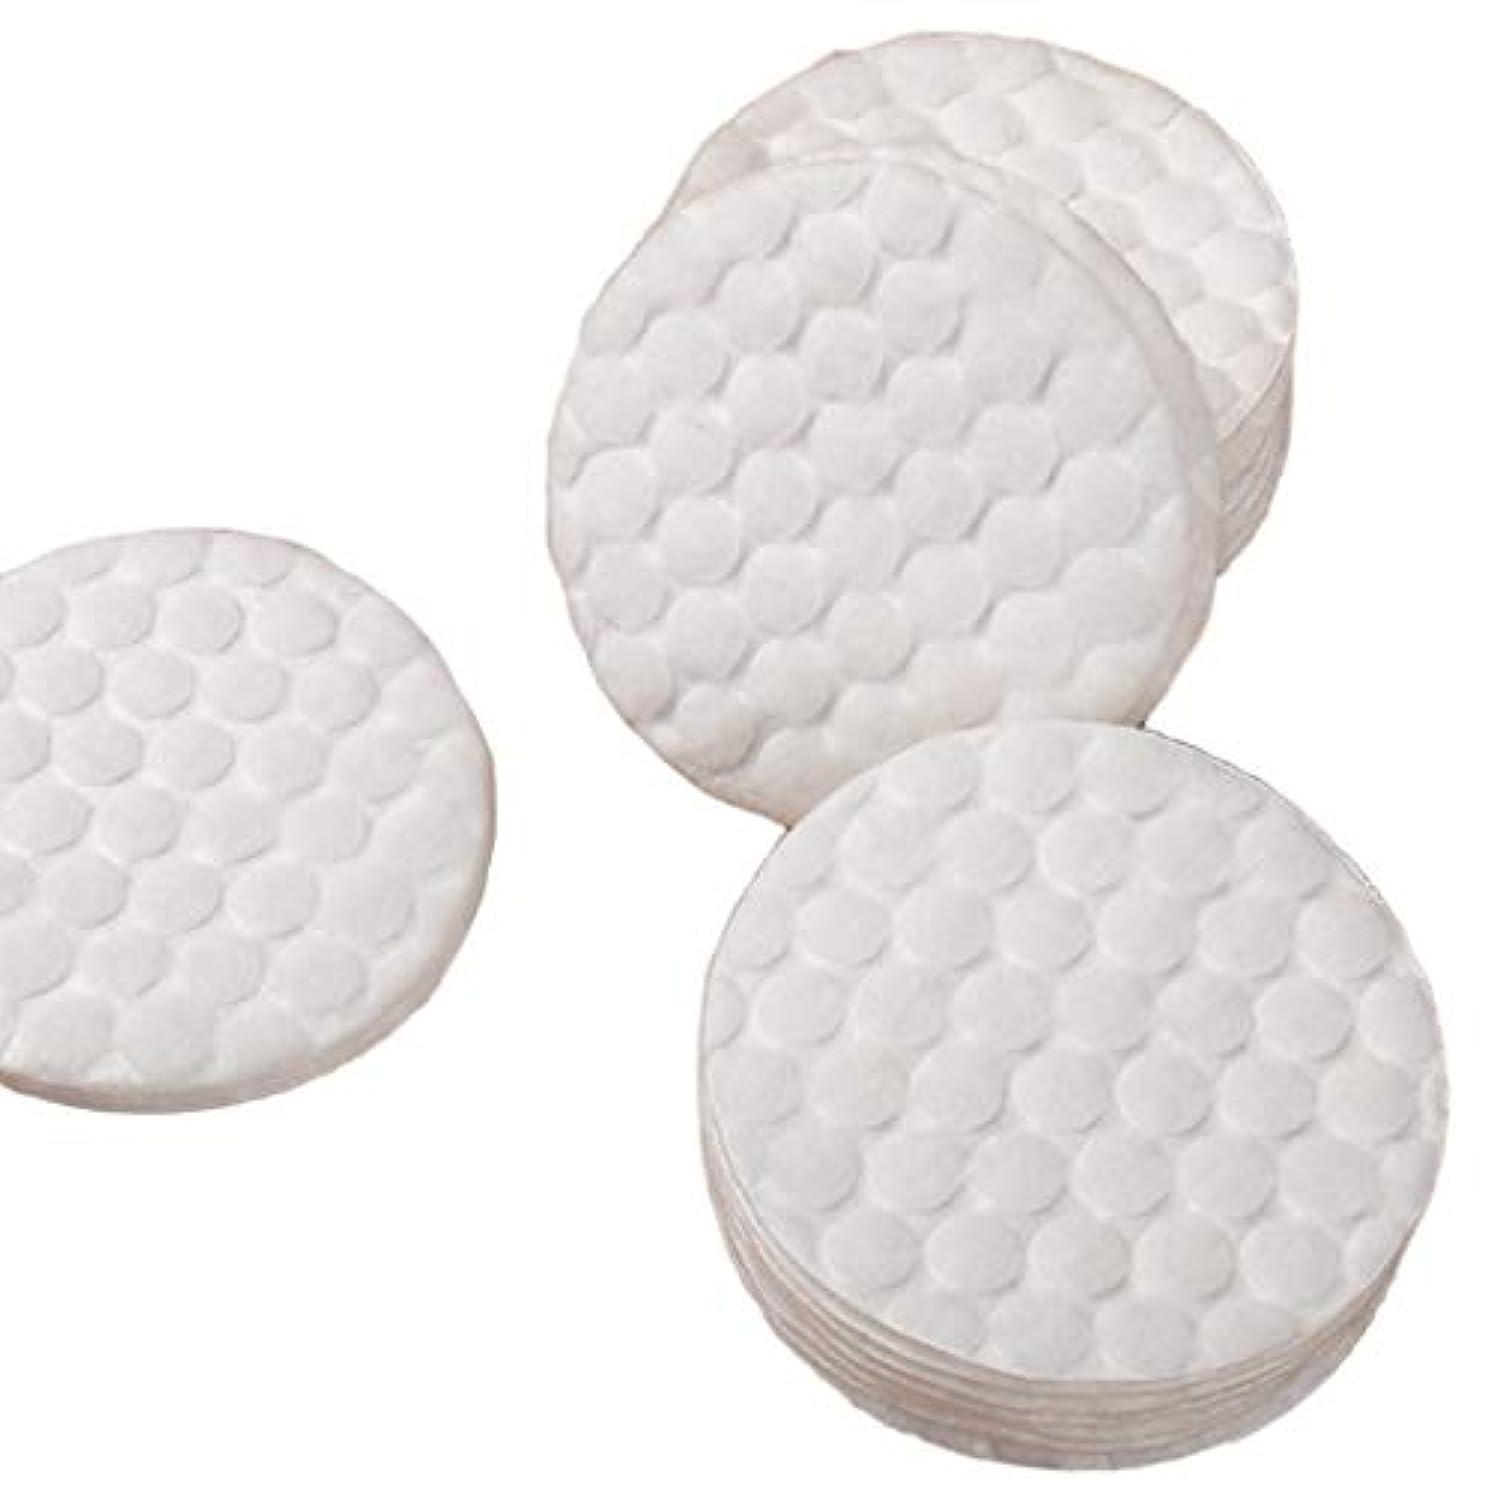 真面目な傾いたペインギリッククレンジングシート 60個/バッグメイク落としコットンパッド洗えるワイプクレンジングオイルスキンケアフェイシャルケアメイクアップ化粧品ワイプ (Color : White)